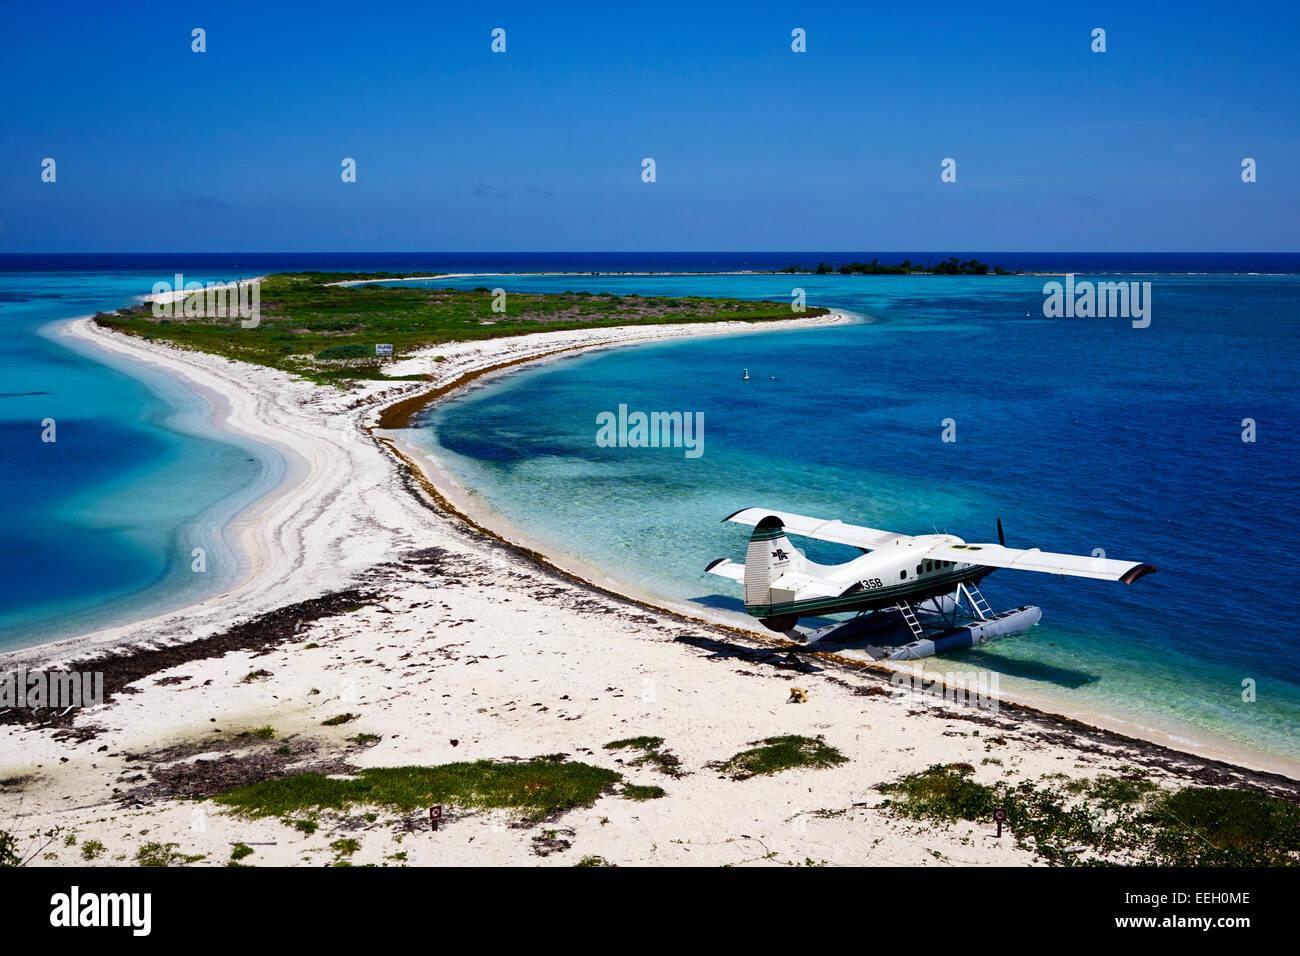 DeHAVILAND Dhc-3 Otter Wasserflugzeug auf dem Strand und Bush Schlüssel an der Dry-Tortugas-Florida Keys-usa Stockbild